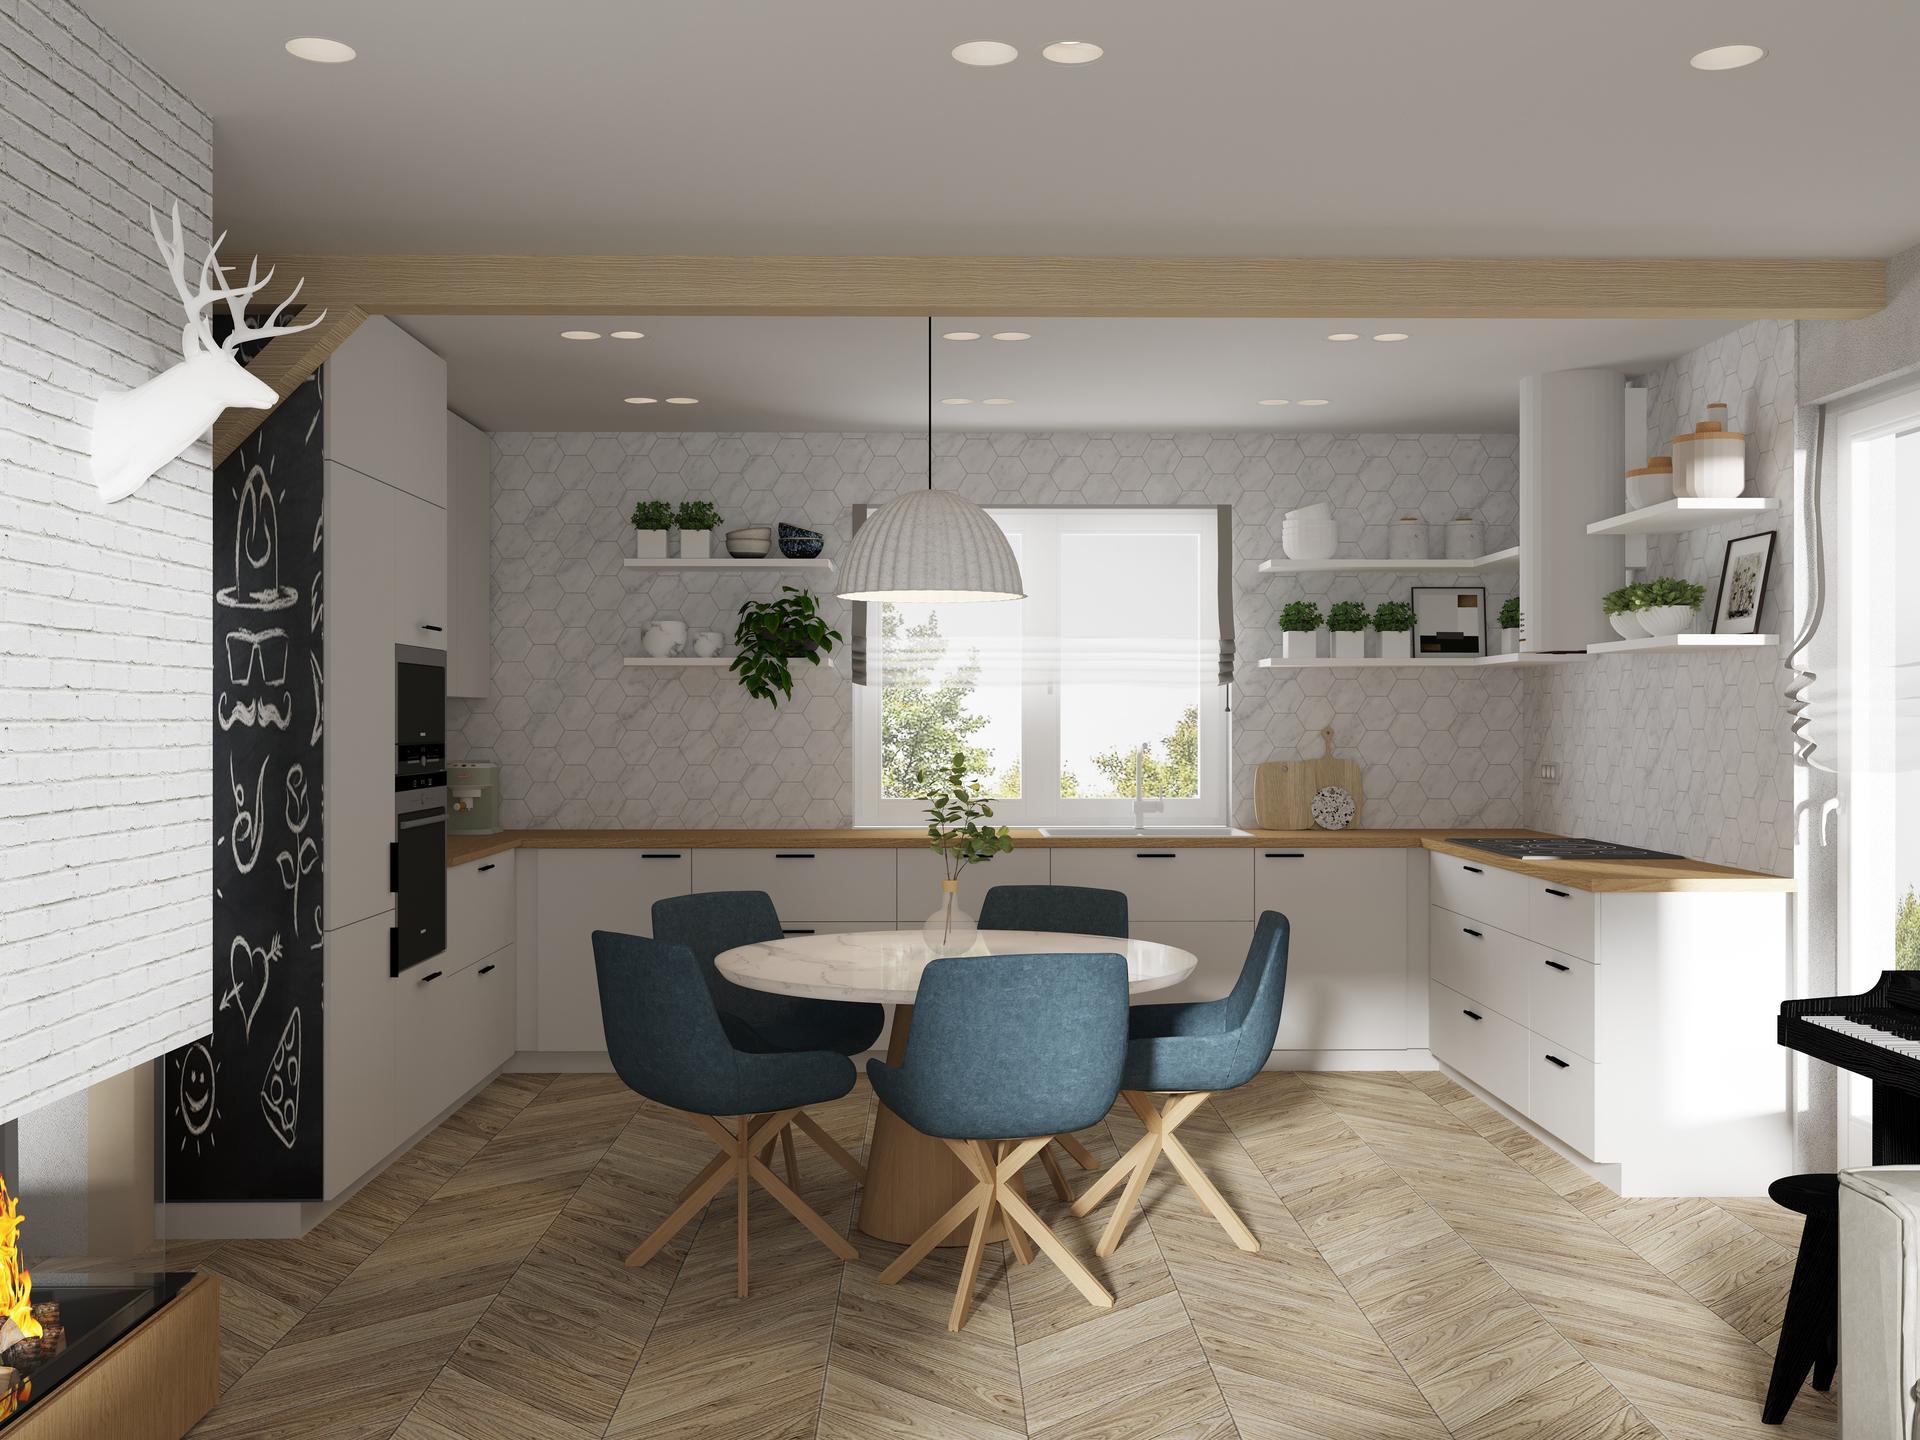 Drevodomcek_na_vychodze - Pôvodná viza kuchyne. Tu vidím, že určite pôjdeme do studených tónov dreva, nie teplých ako na tejto fotke.